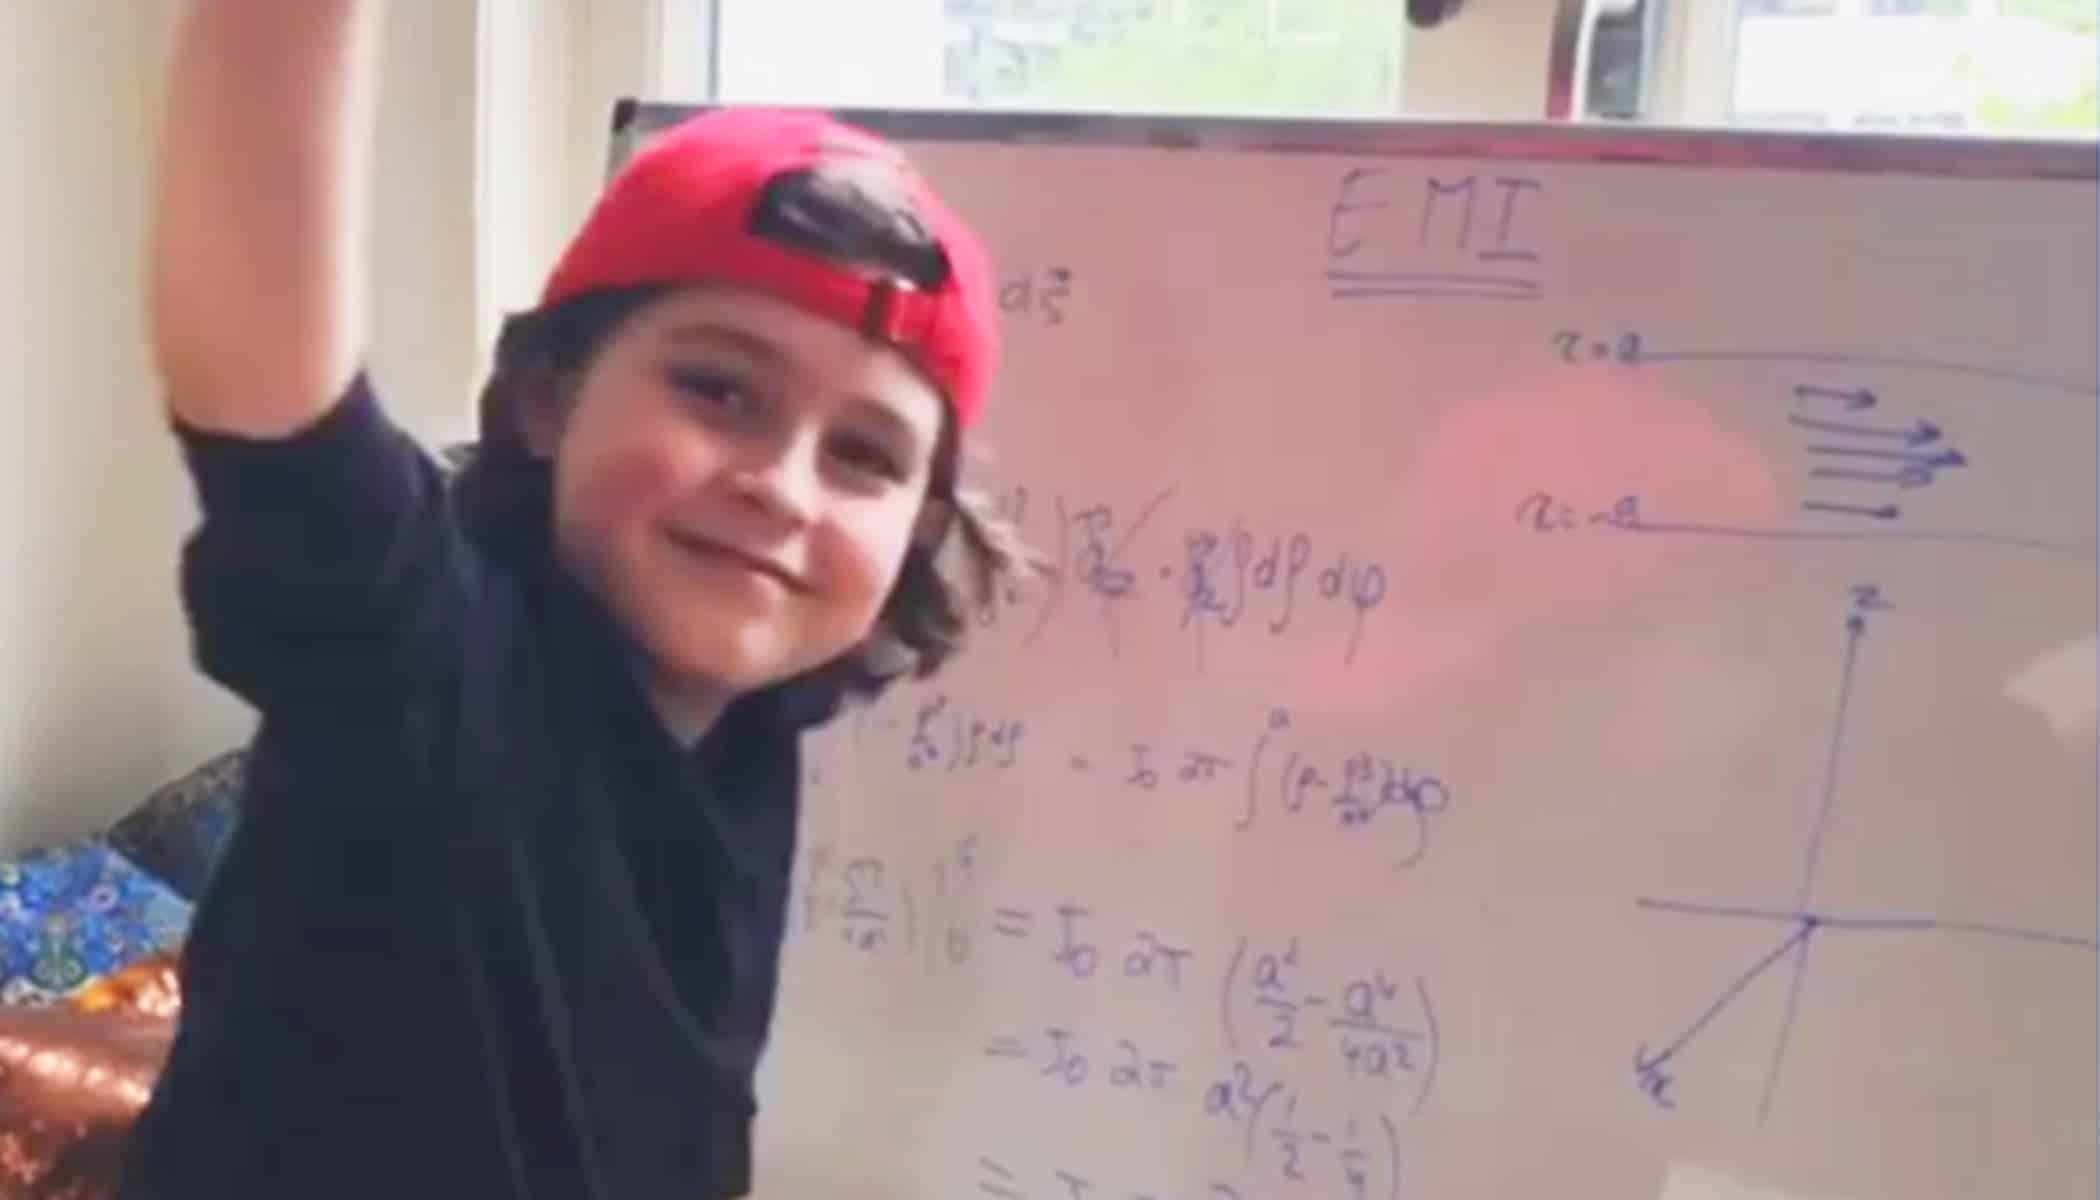 Copil geniu la doar 9 ani. El este baietelul care in decembrie va absolvi facultatea